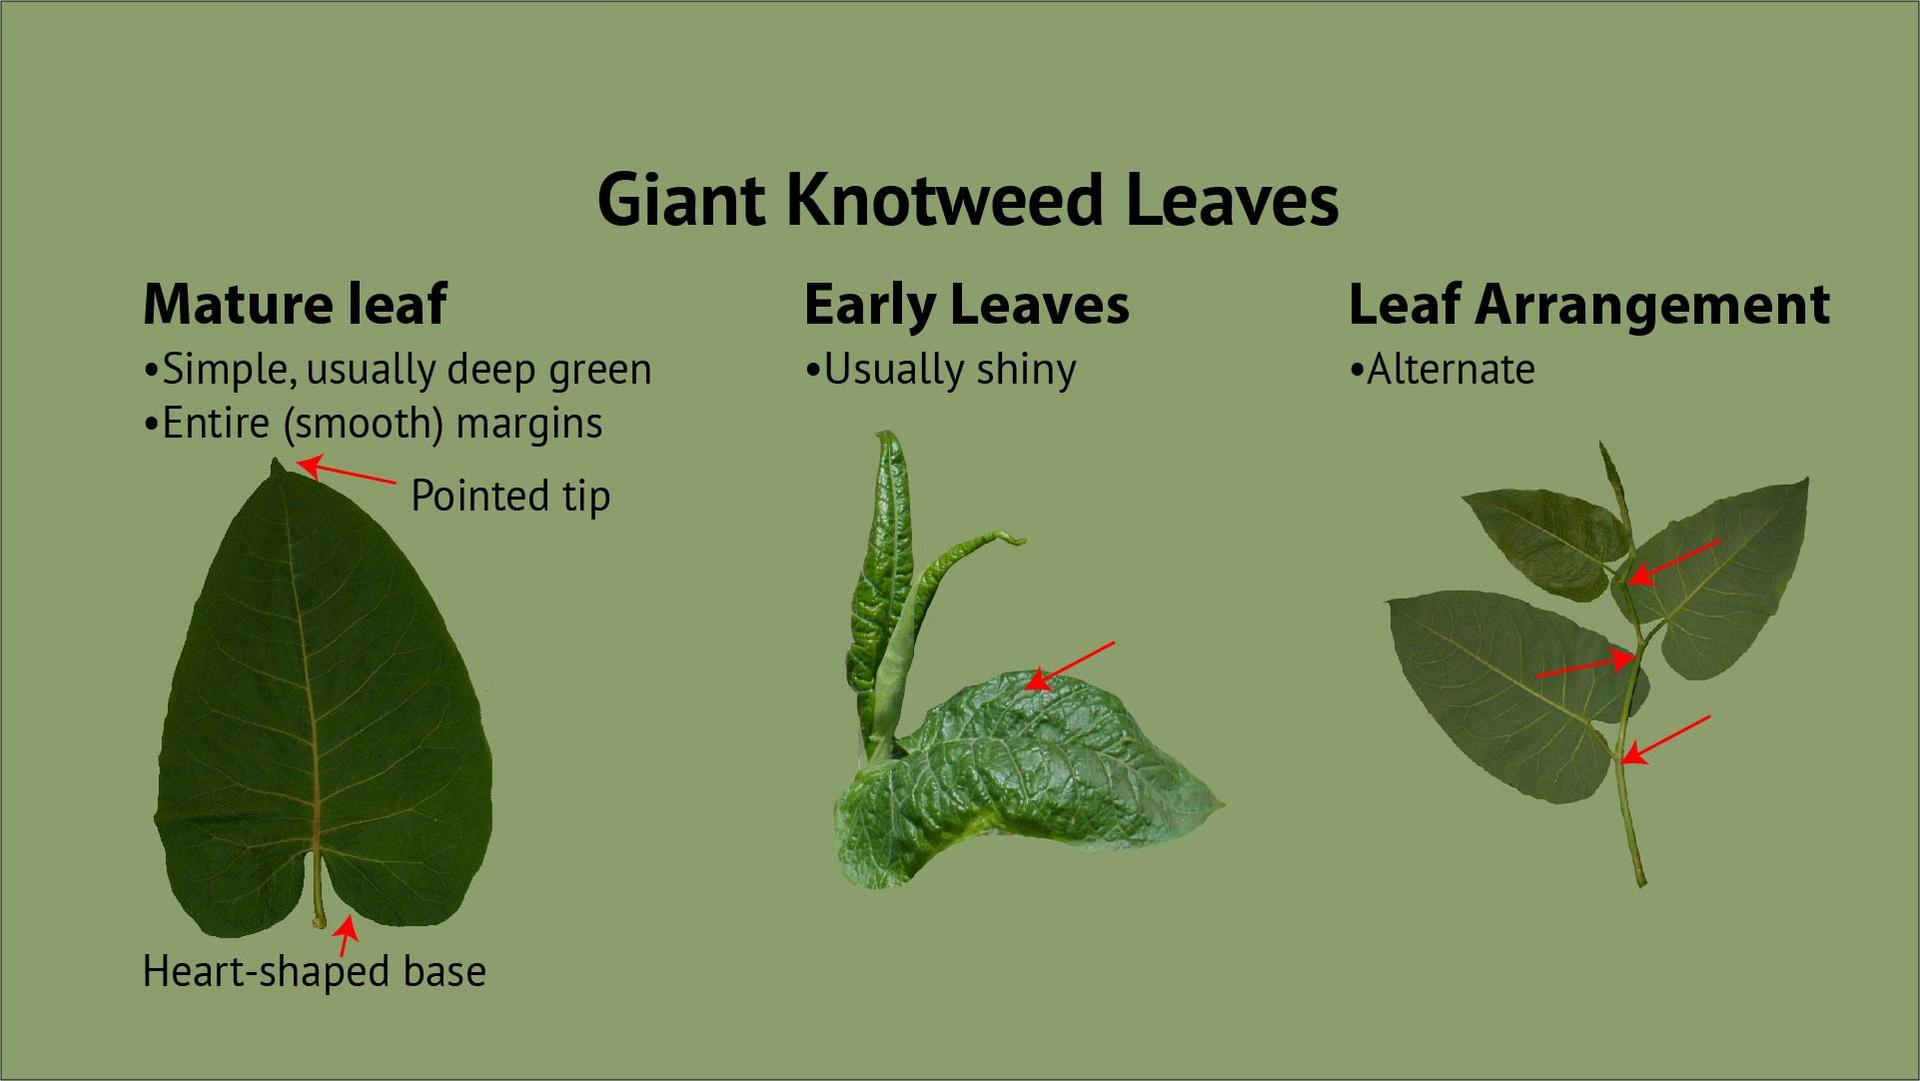 Giant Knotweed Leaves